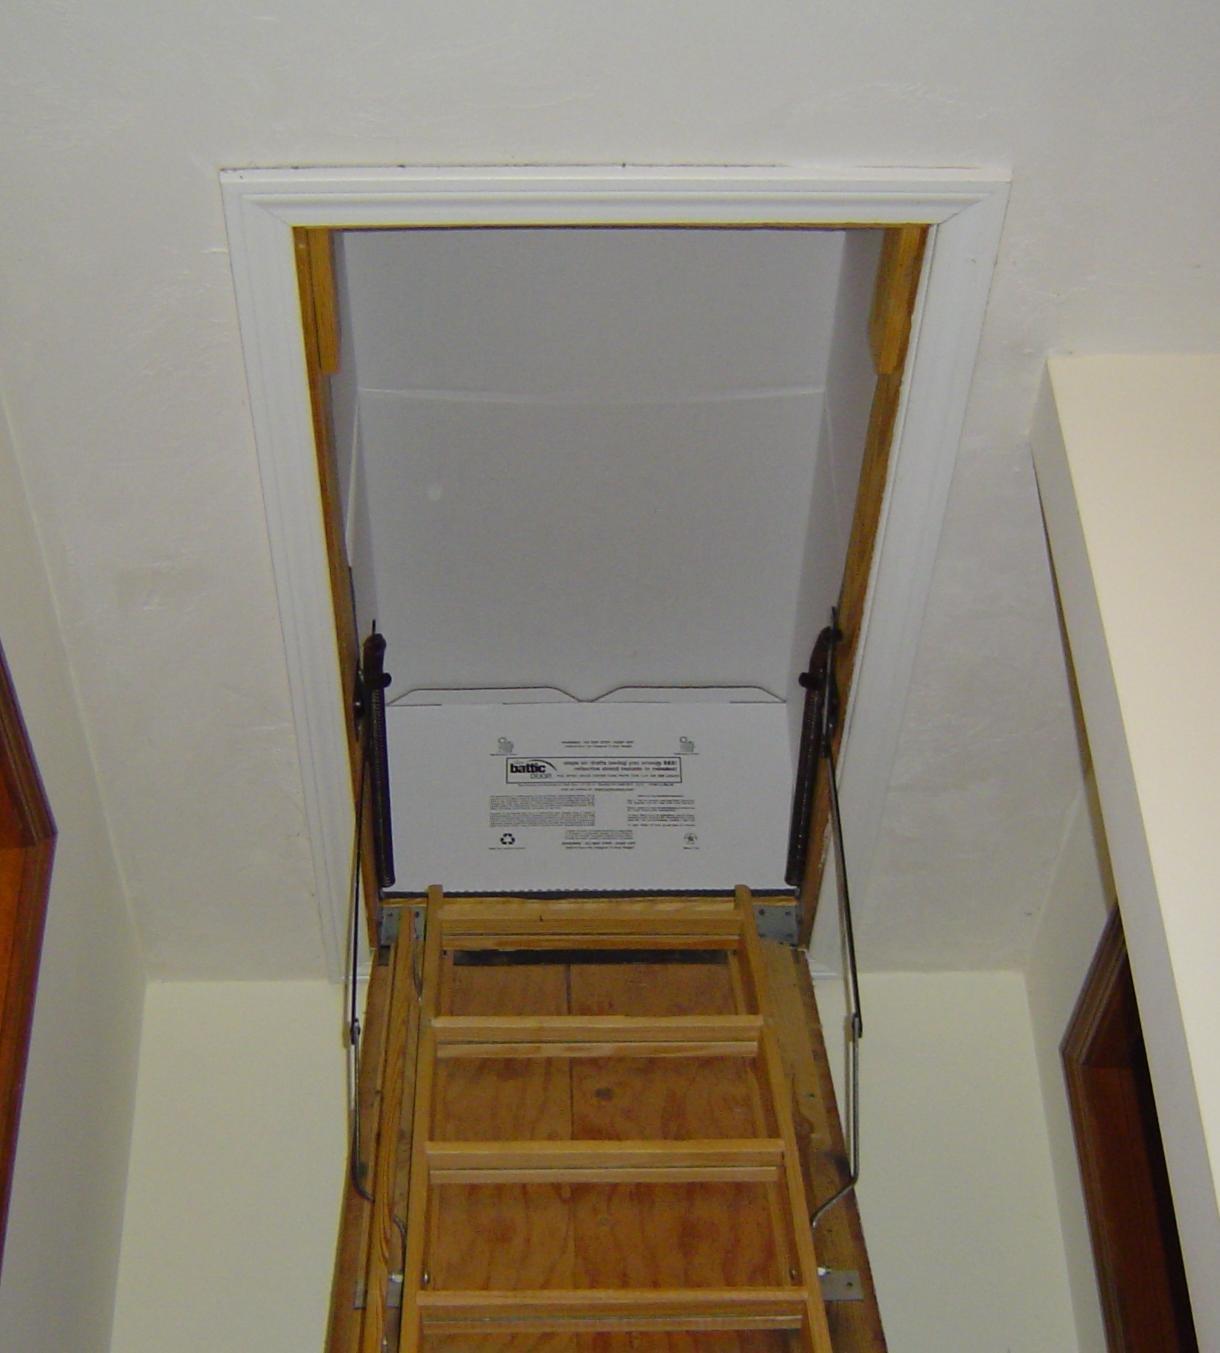 Battic Door Attic Stair Cover 25X54 R-50